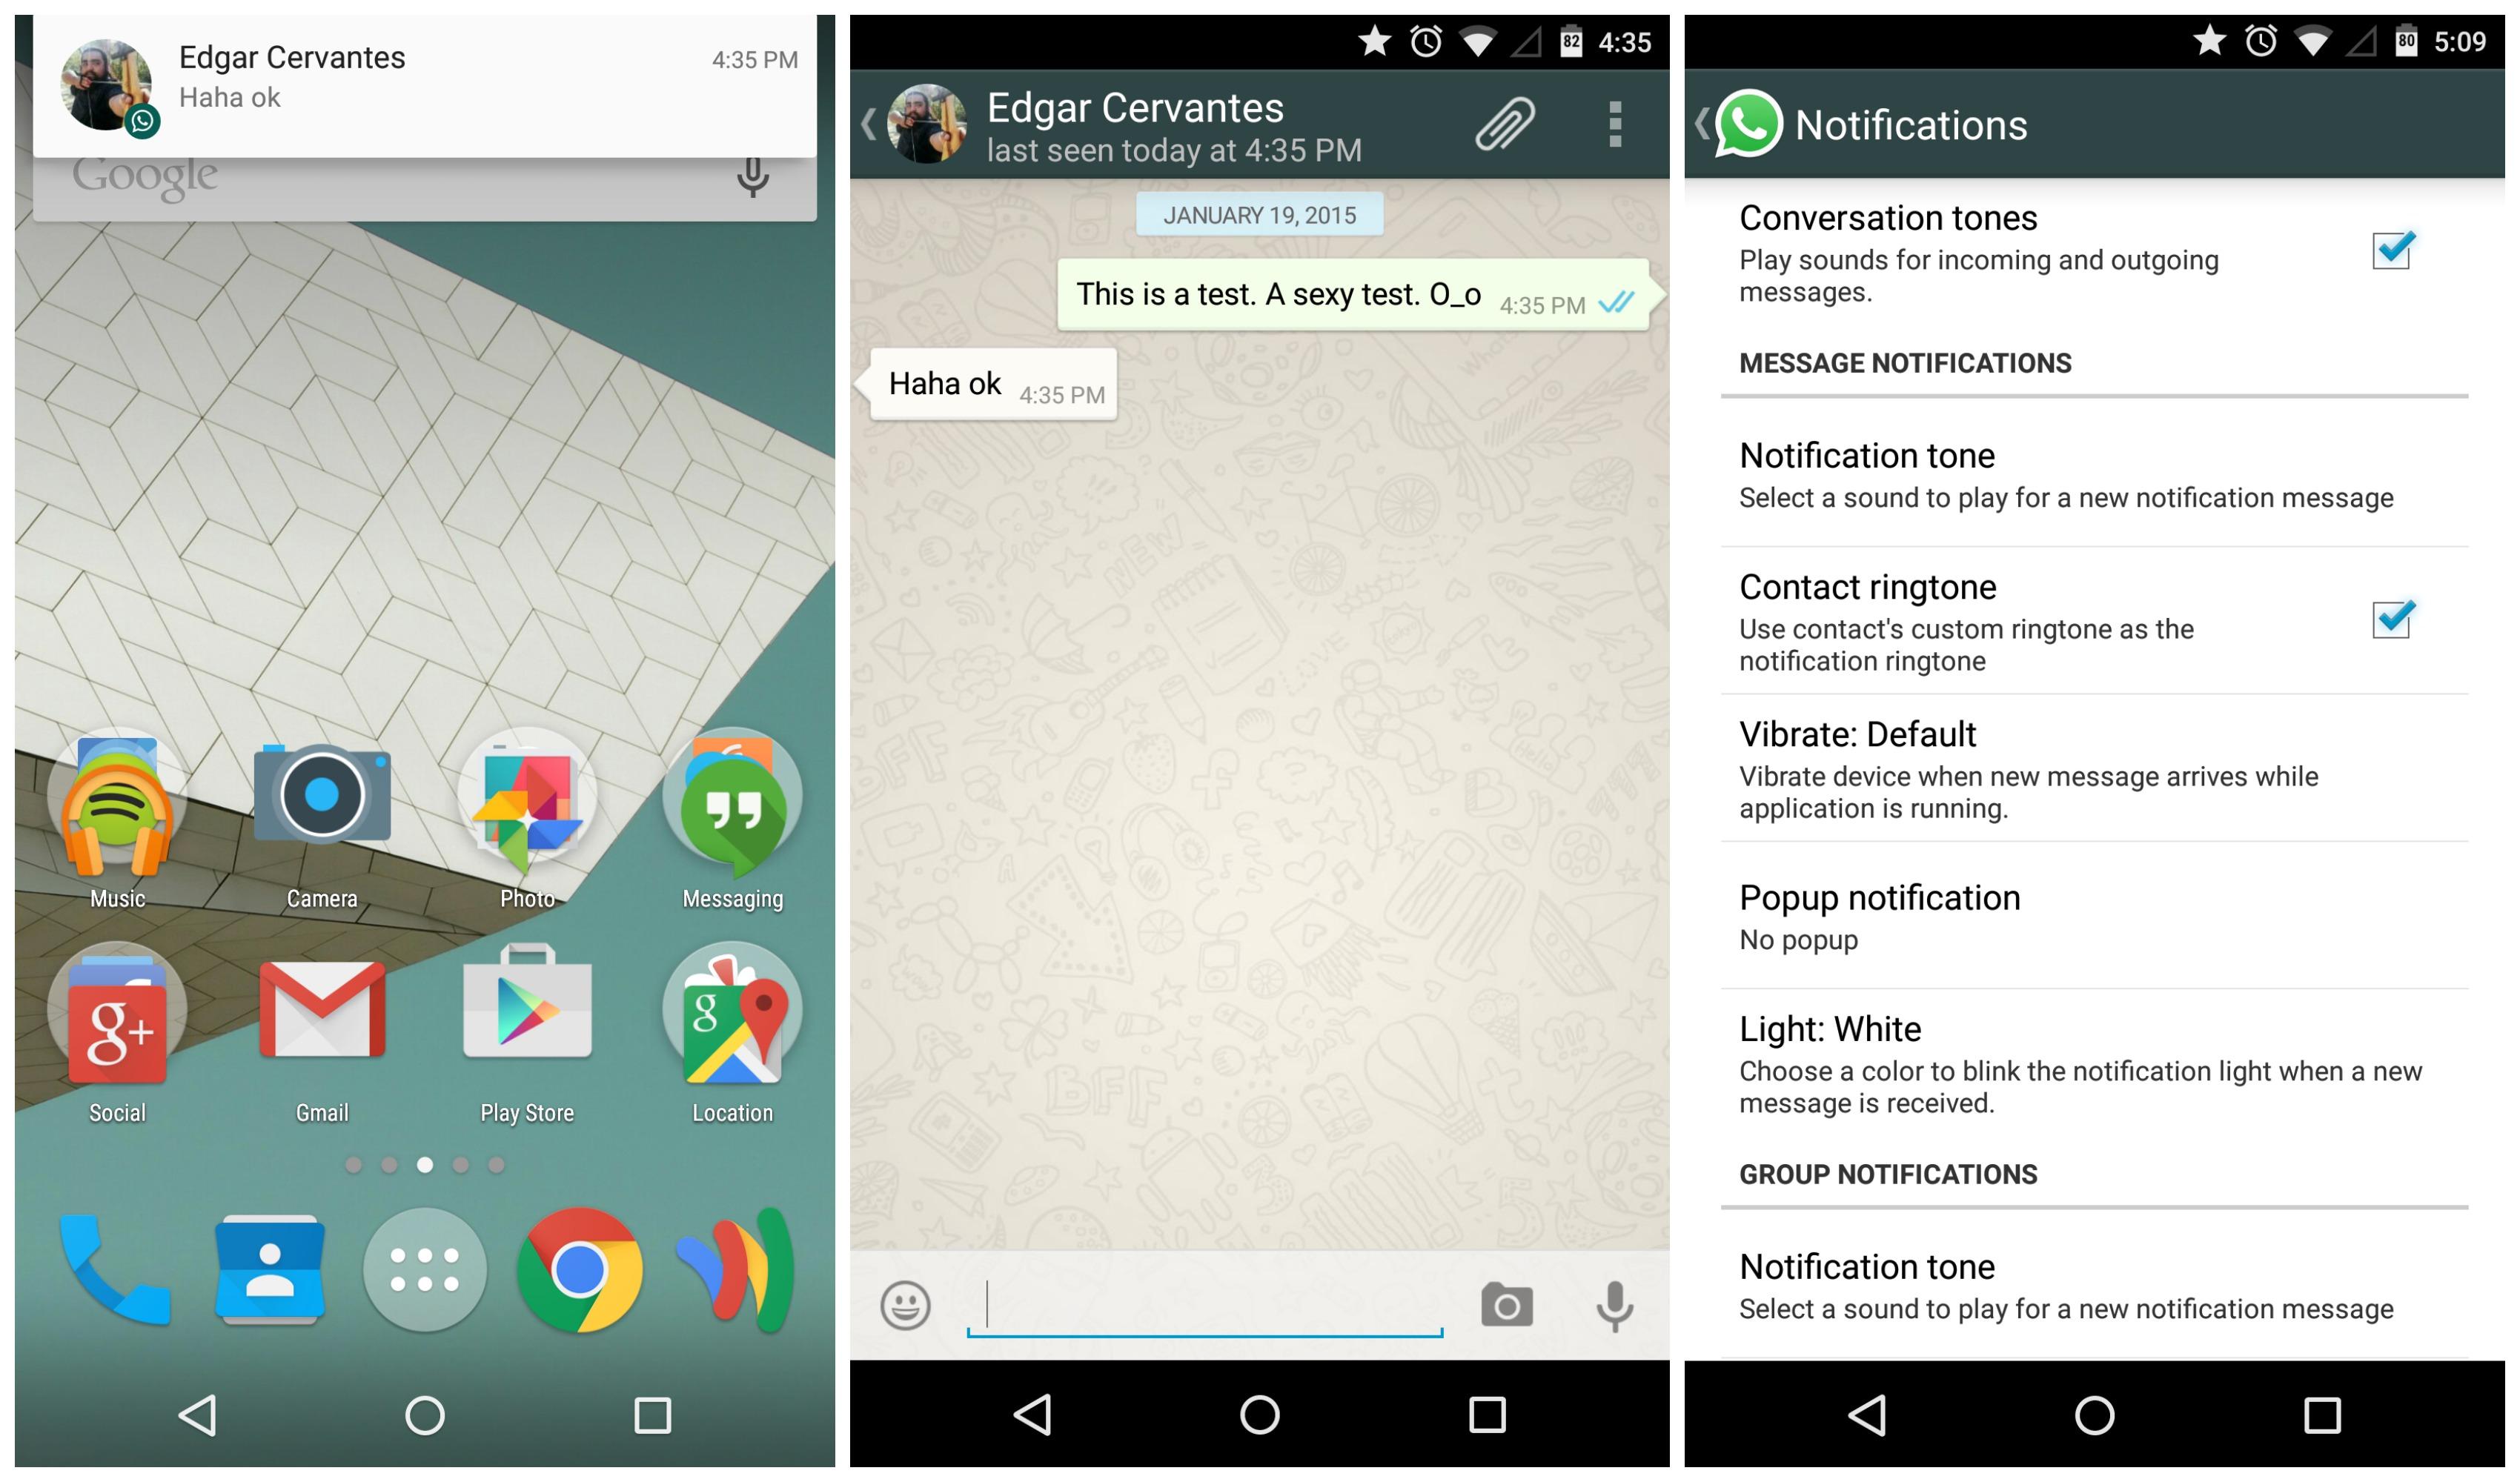 cambiar el sonido del whatsapp